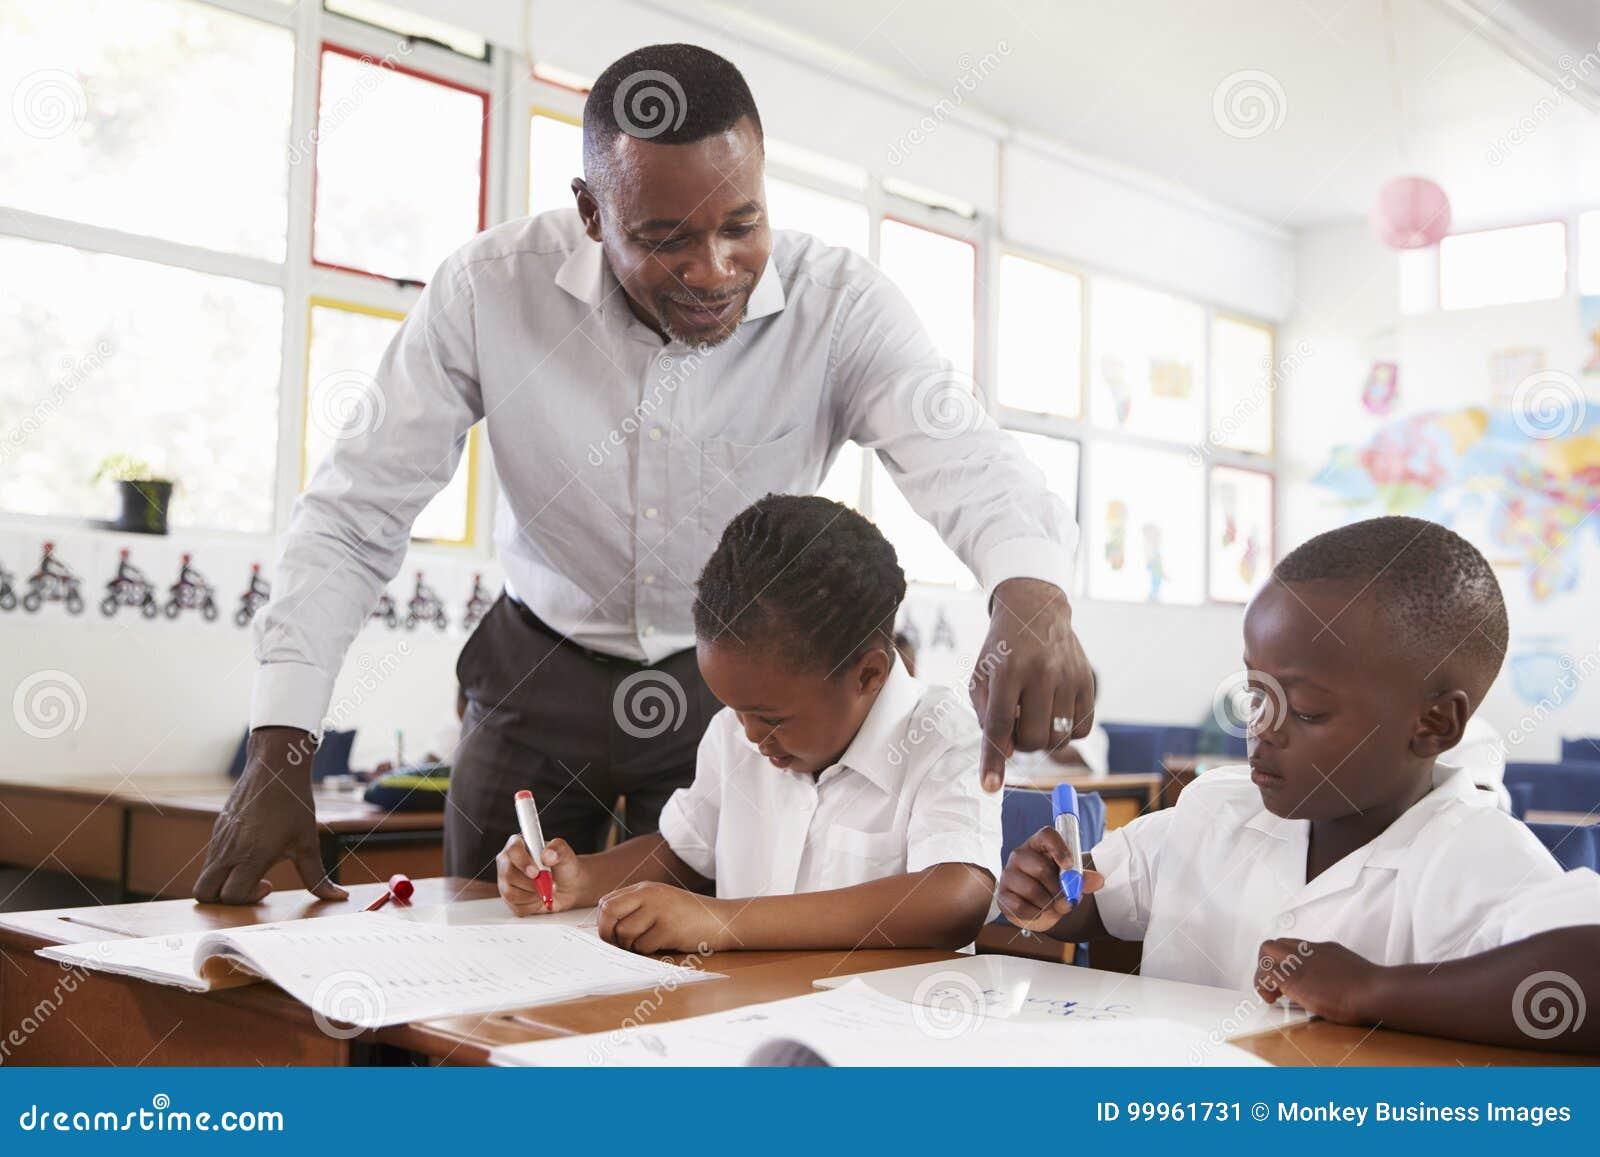 Lehrer steht helfende Volksschulekinder an ihren Schreibtischen